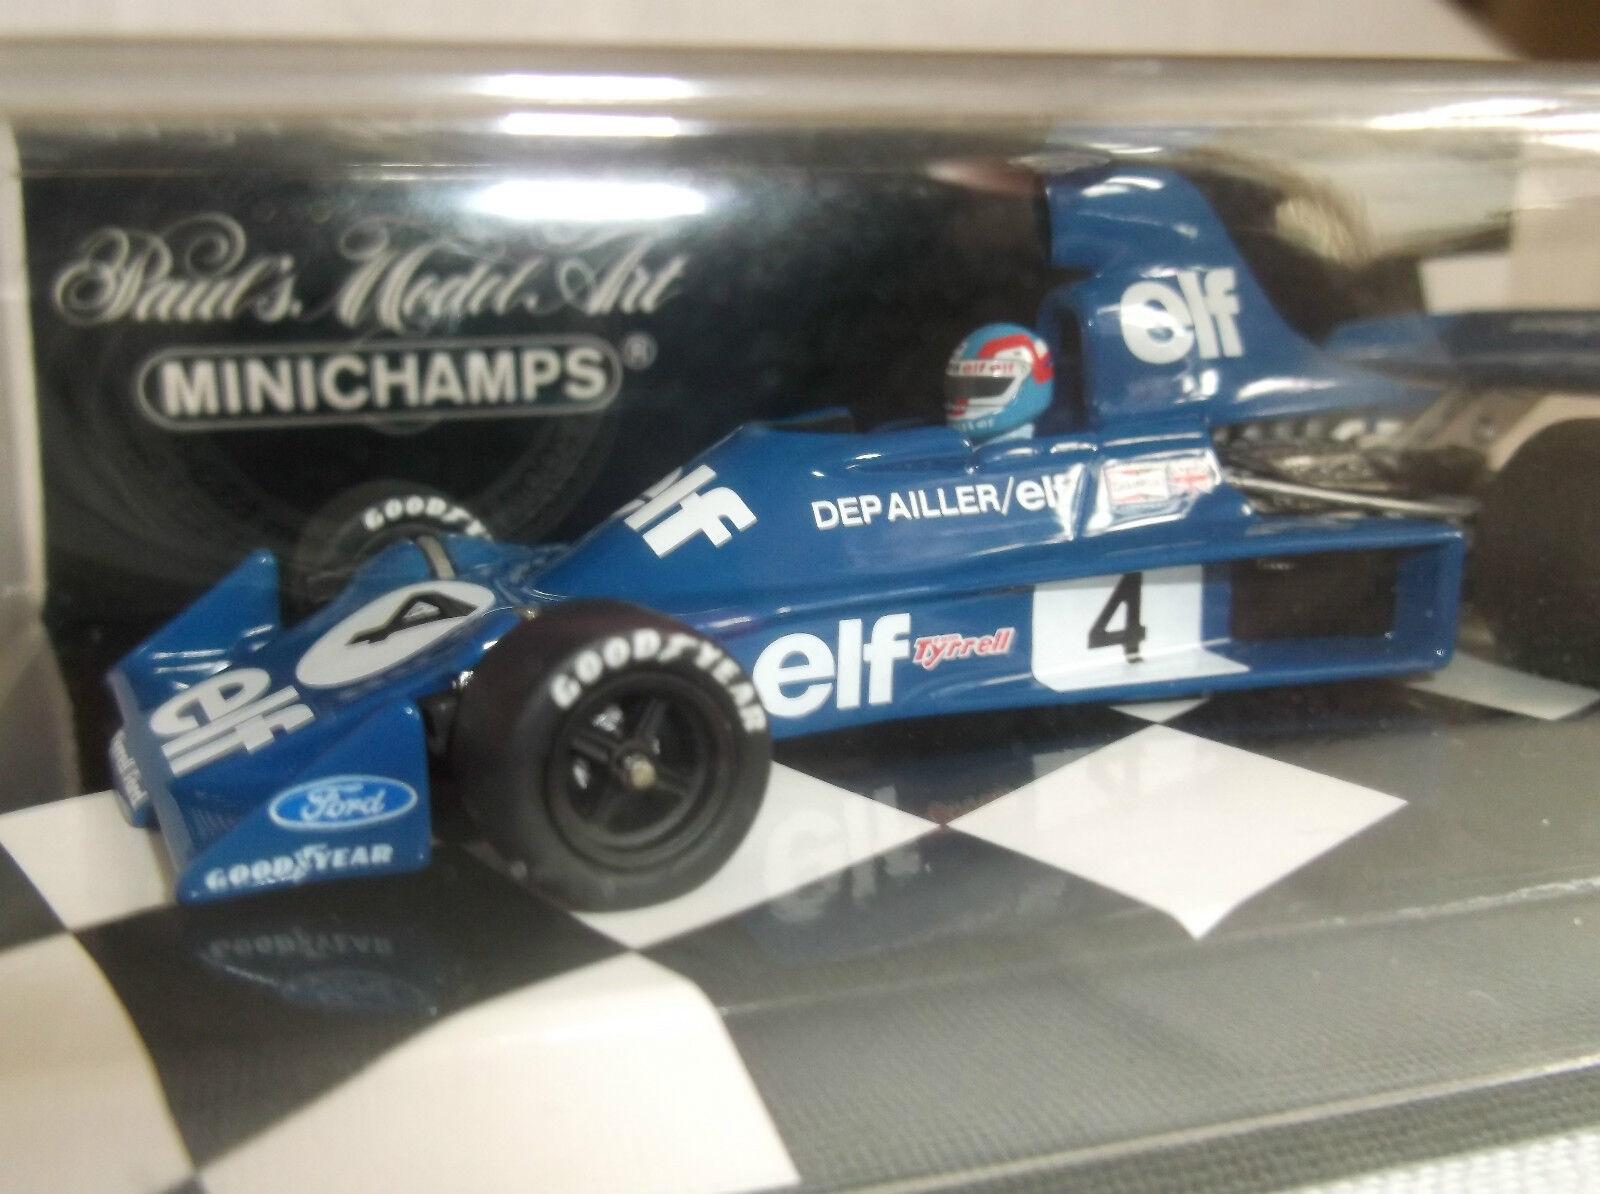 BRAND NEW MINICHAMPS 1 43  P. Depailler  Tyrrell Ford 007  750004  1975 F1